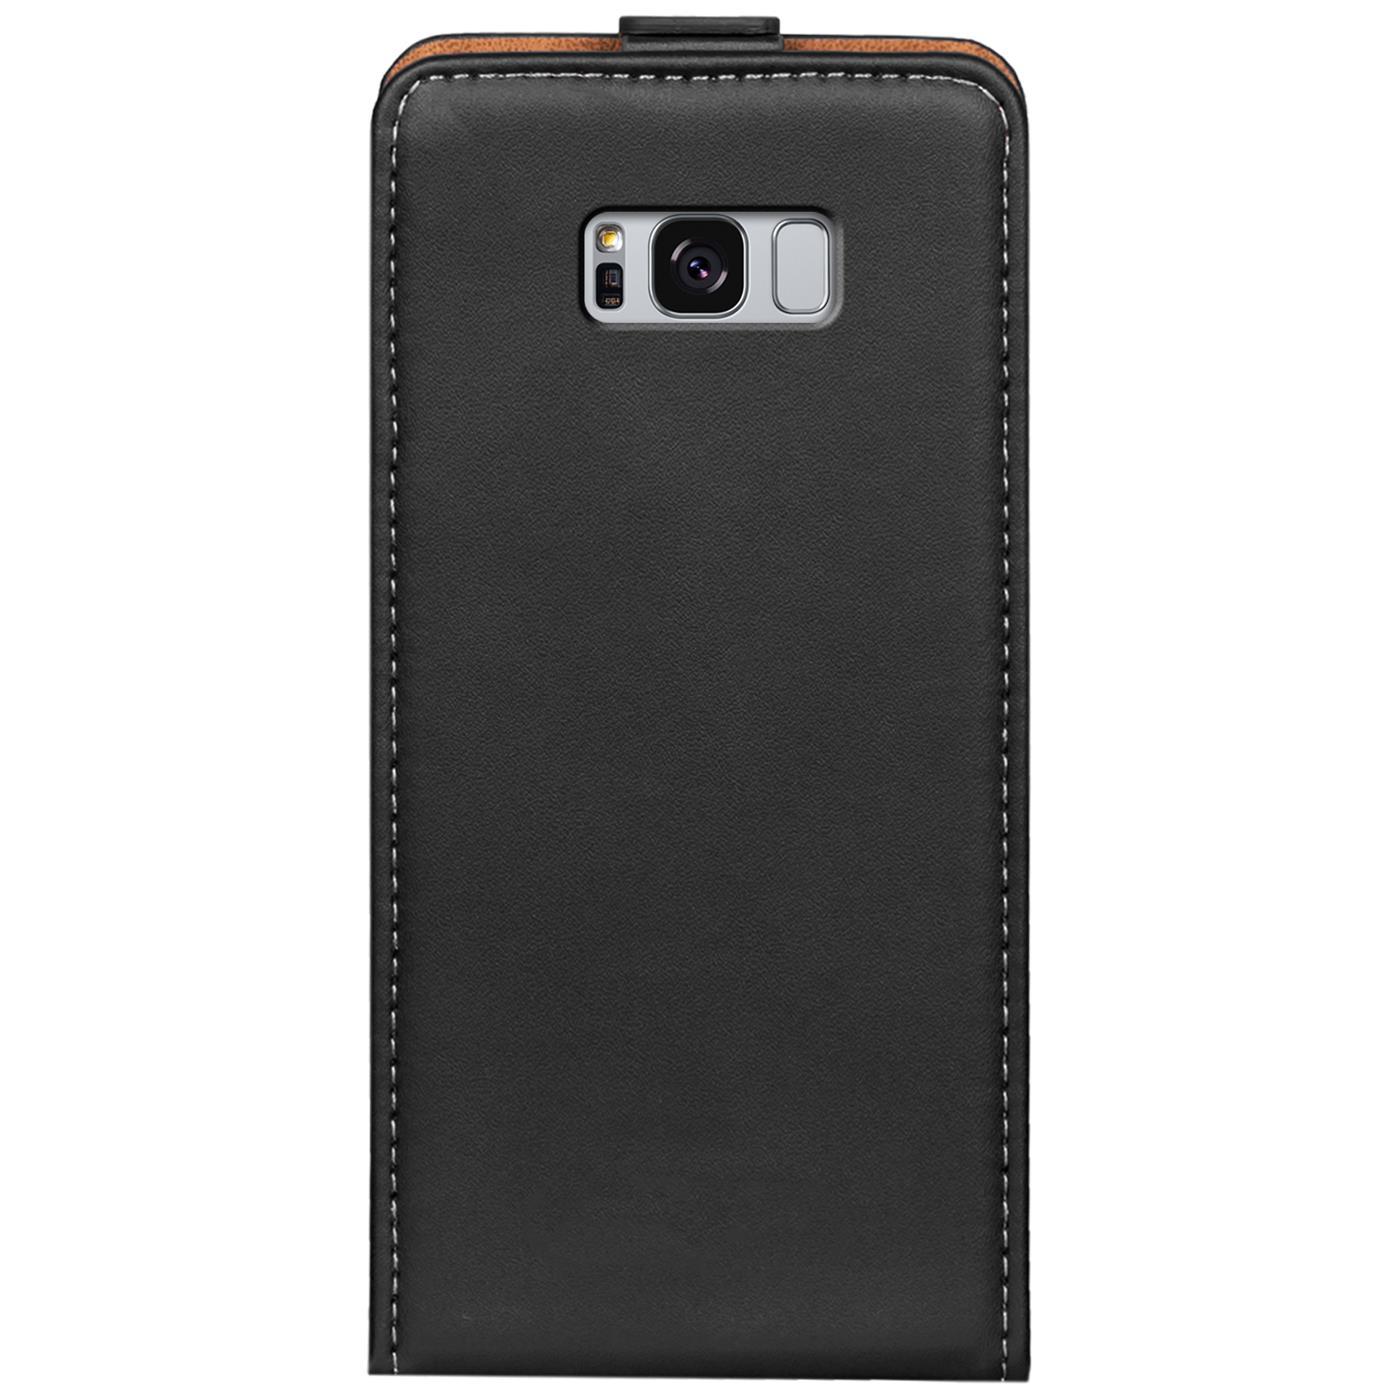 Klapphuelle-Samsung-Galaxy-Flip-Case-Tasche-Schutzhuelle-Cover-Schutz-Handy-Huelle Indexbild 10